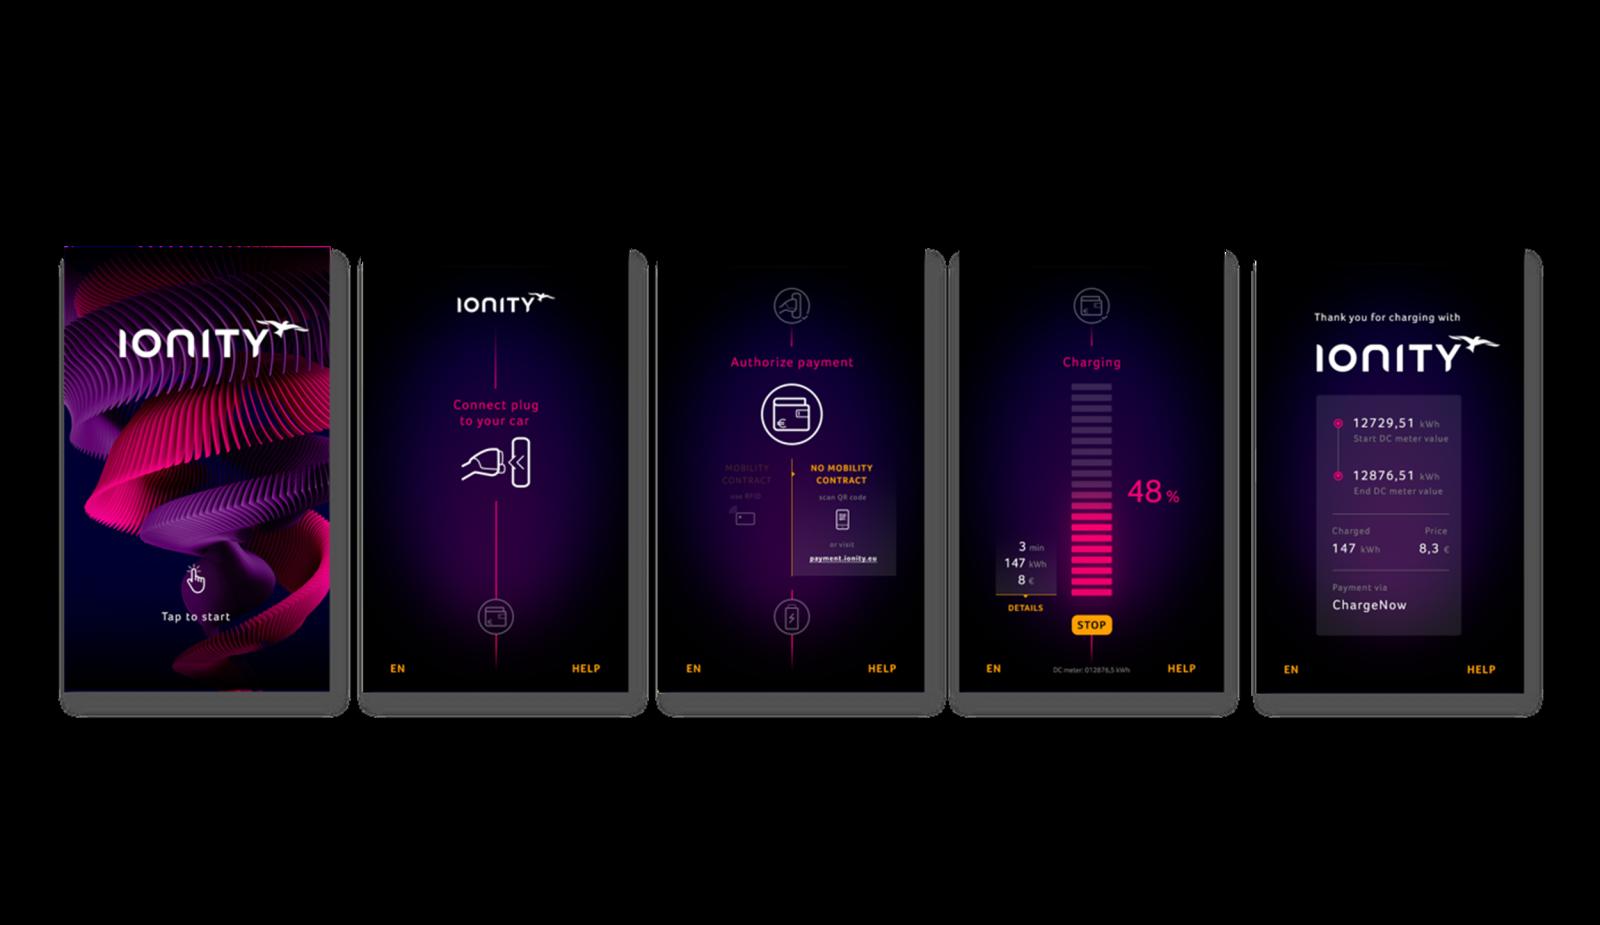 ionity charging station display screenshots